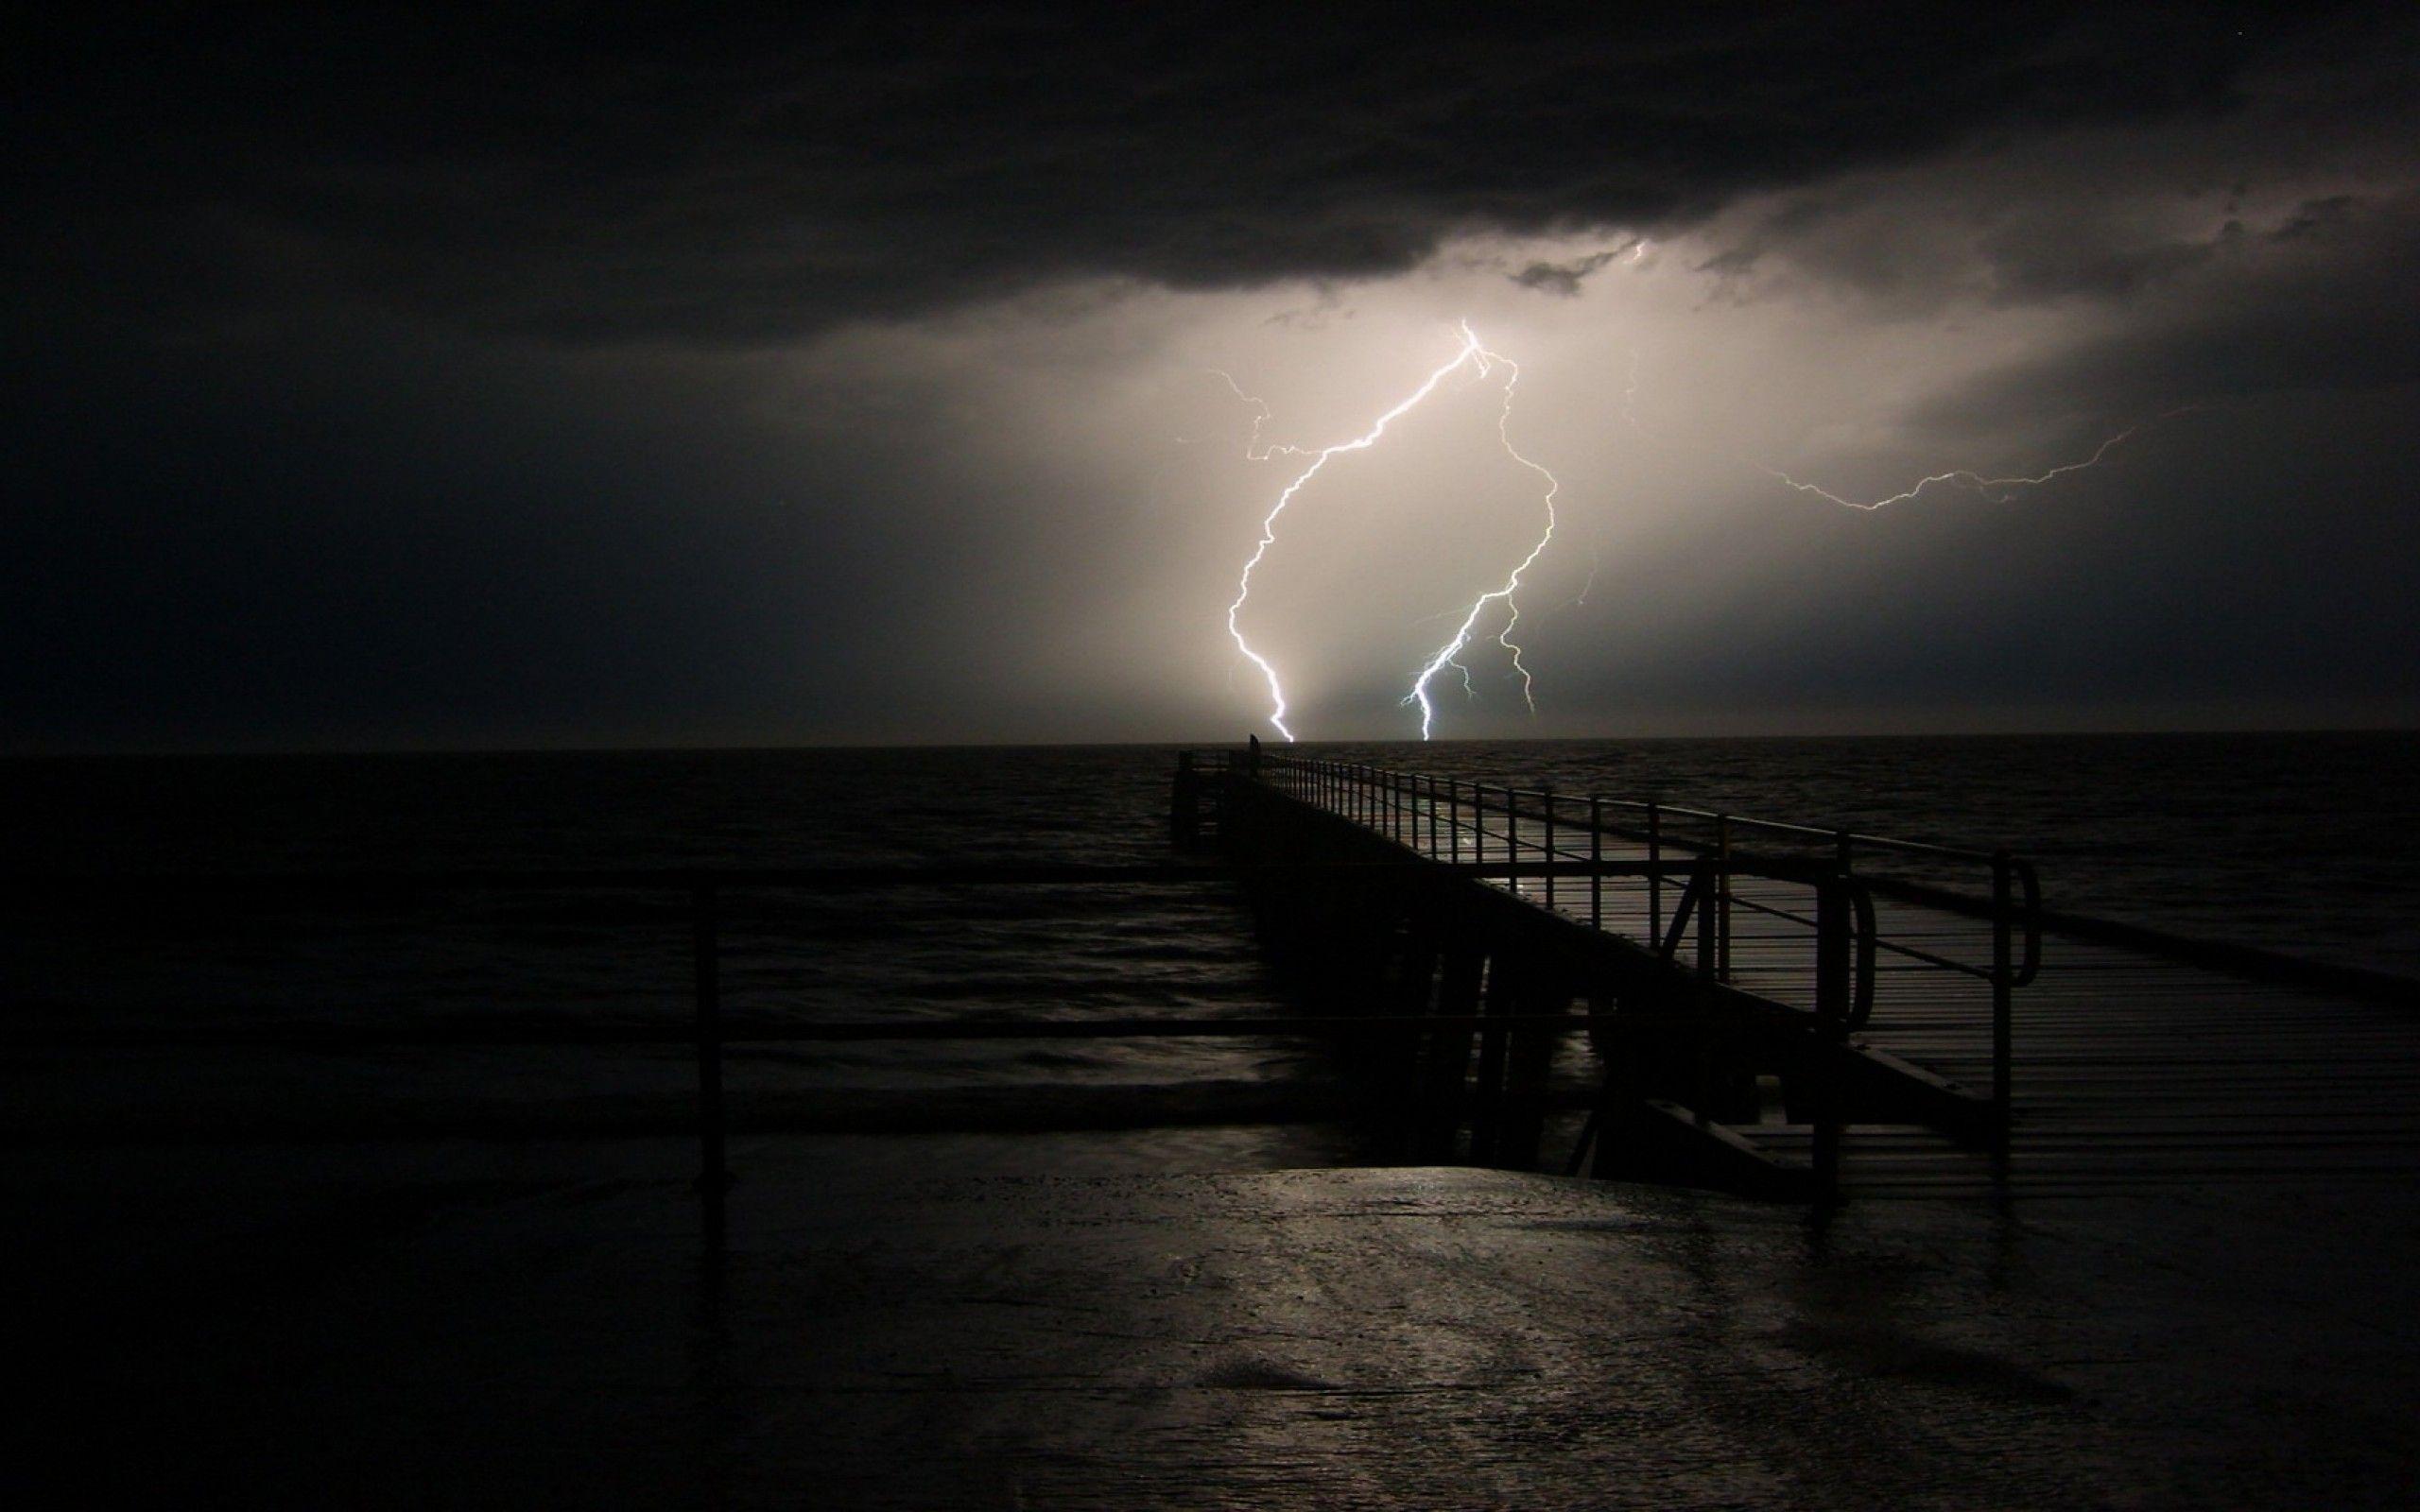 Bildresultat för stormigt hav åskväder